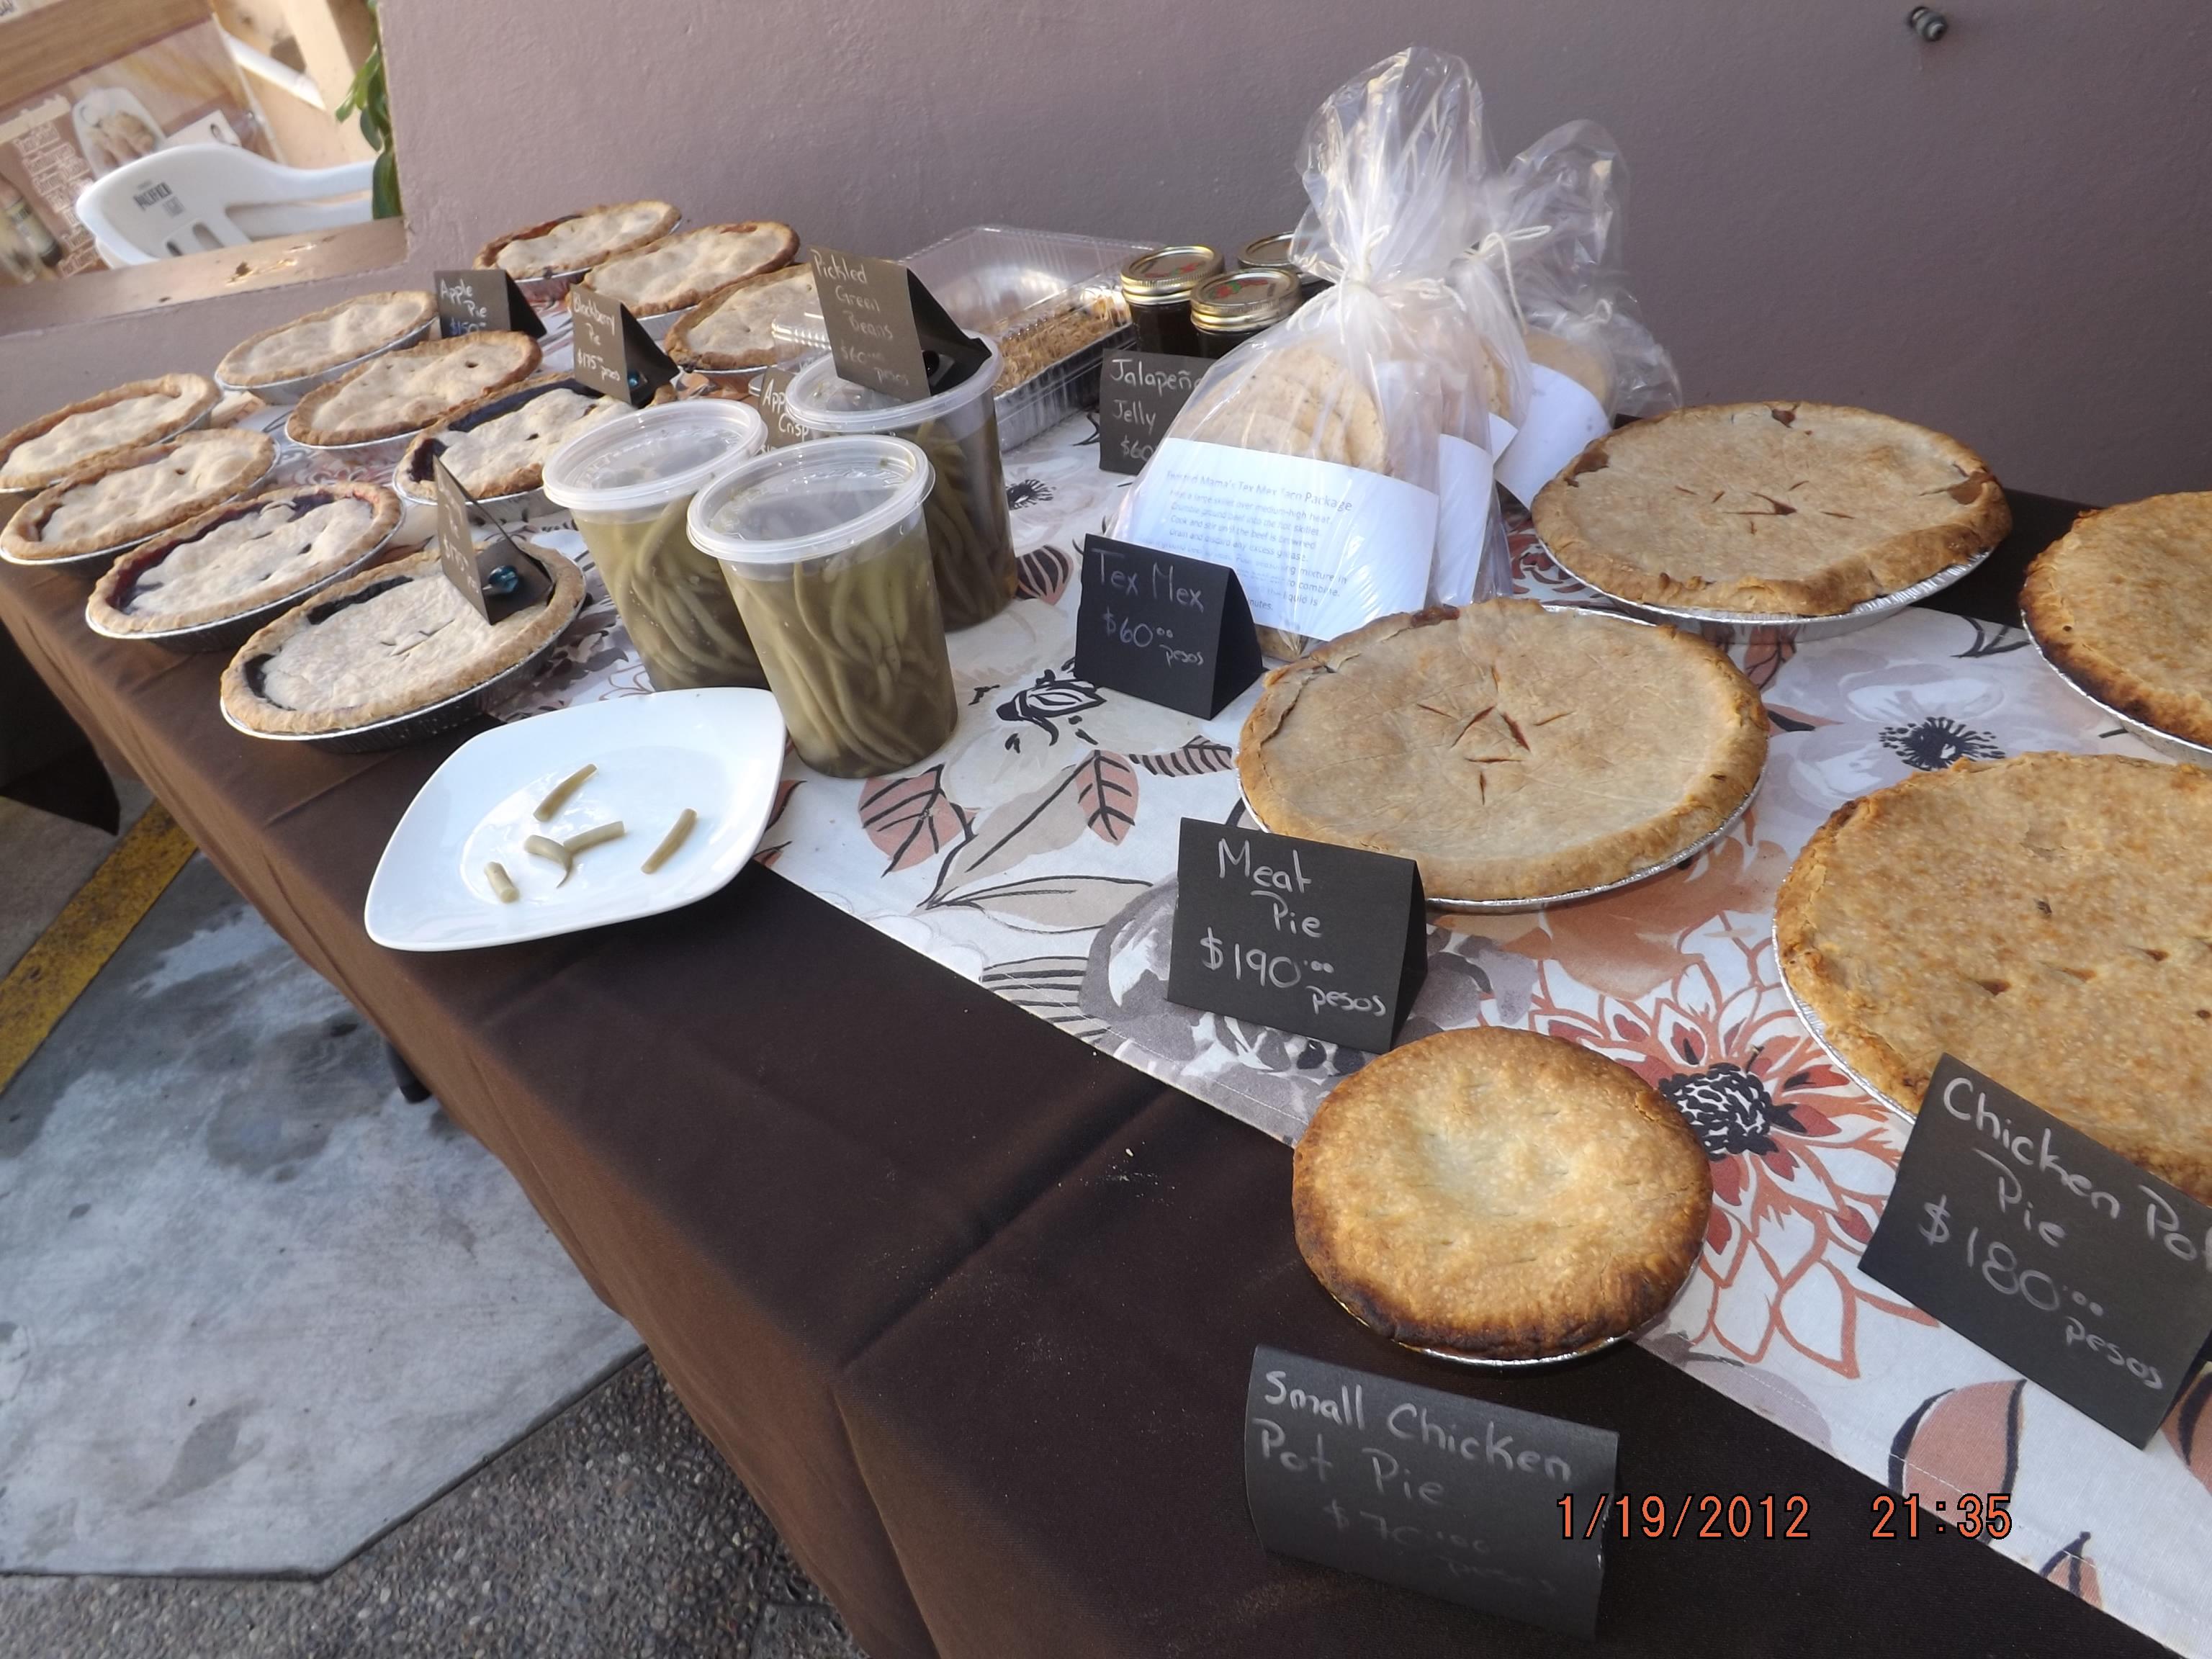 Wednesday Bake Sale